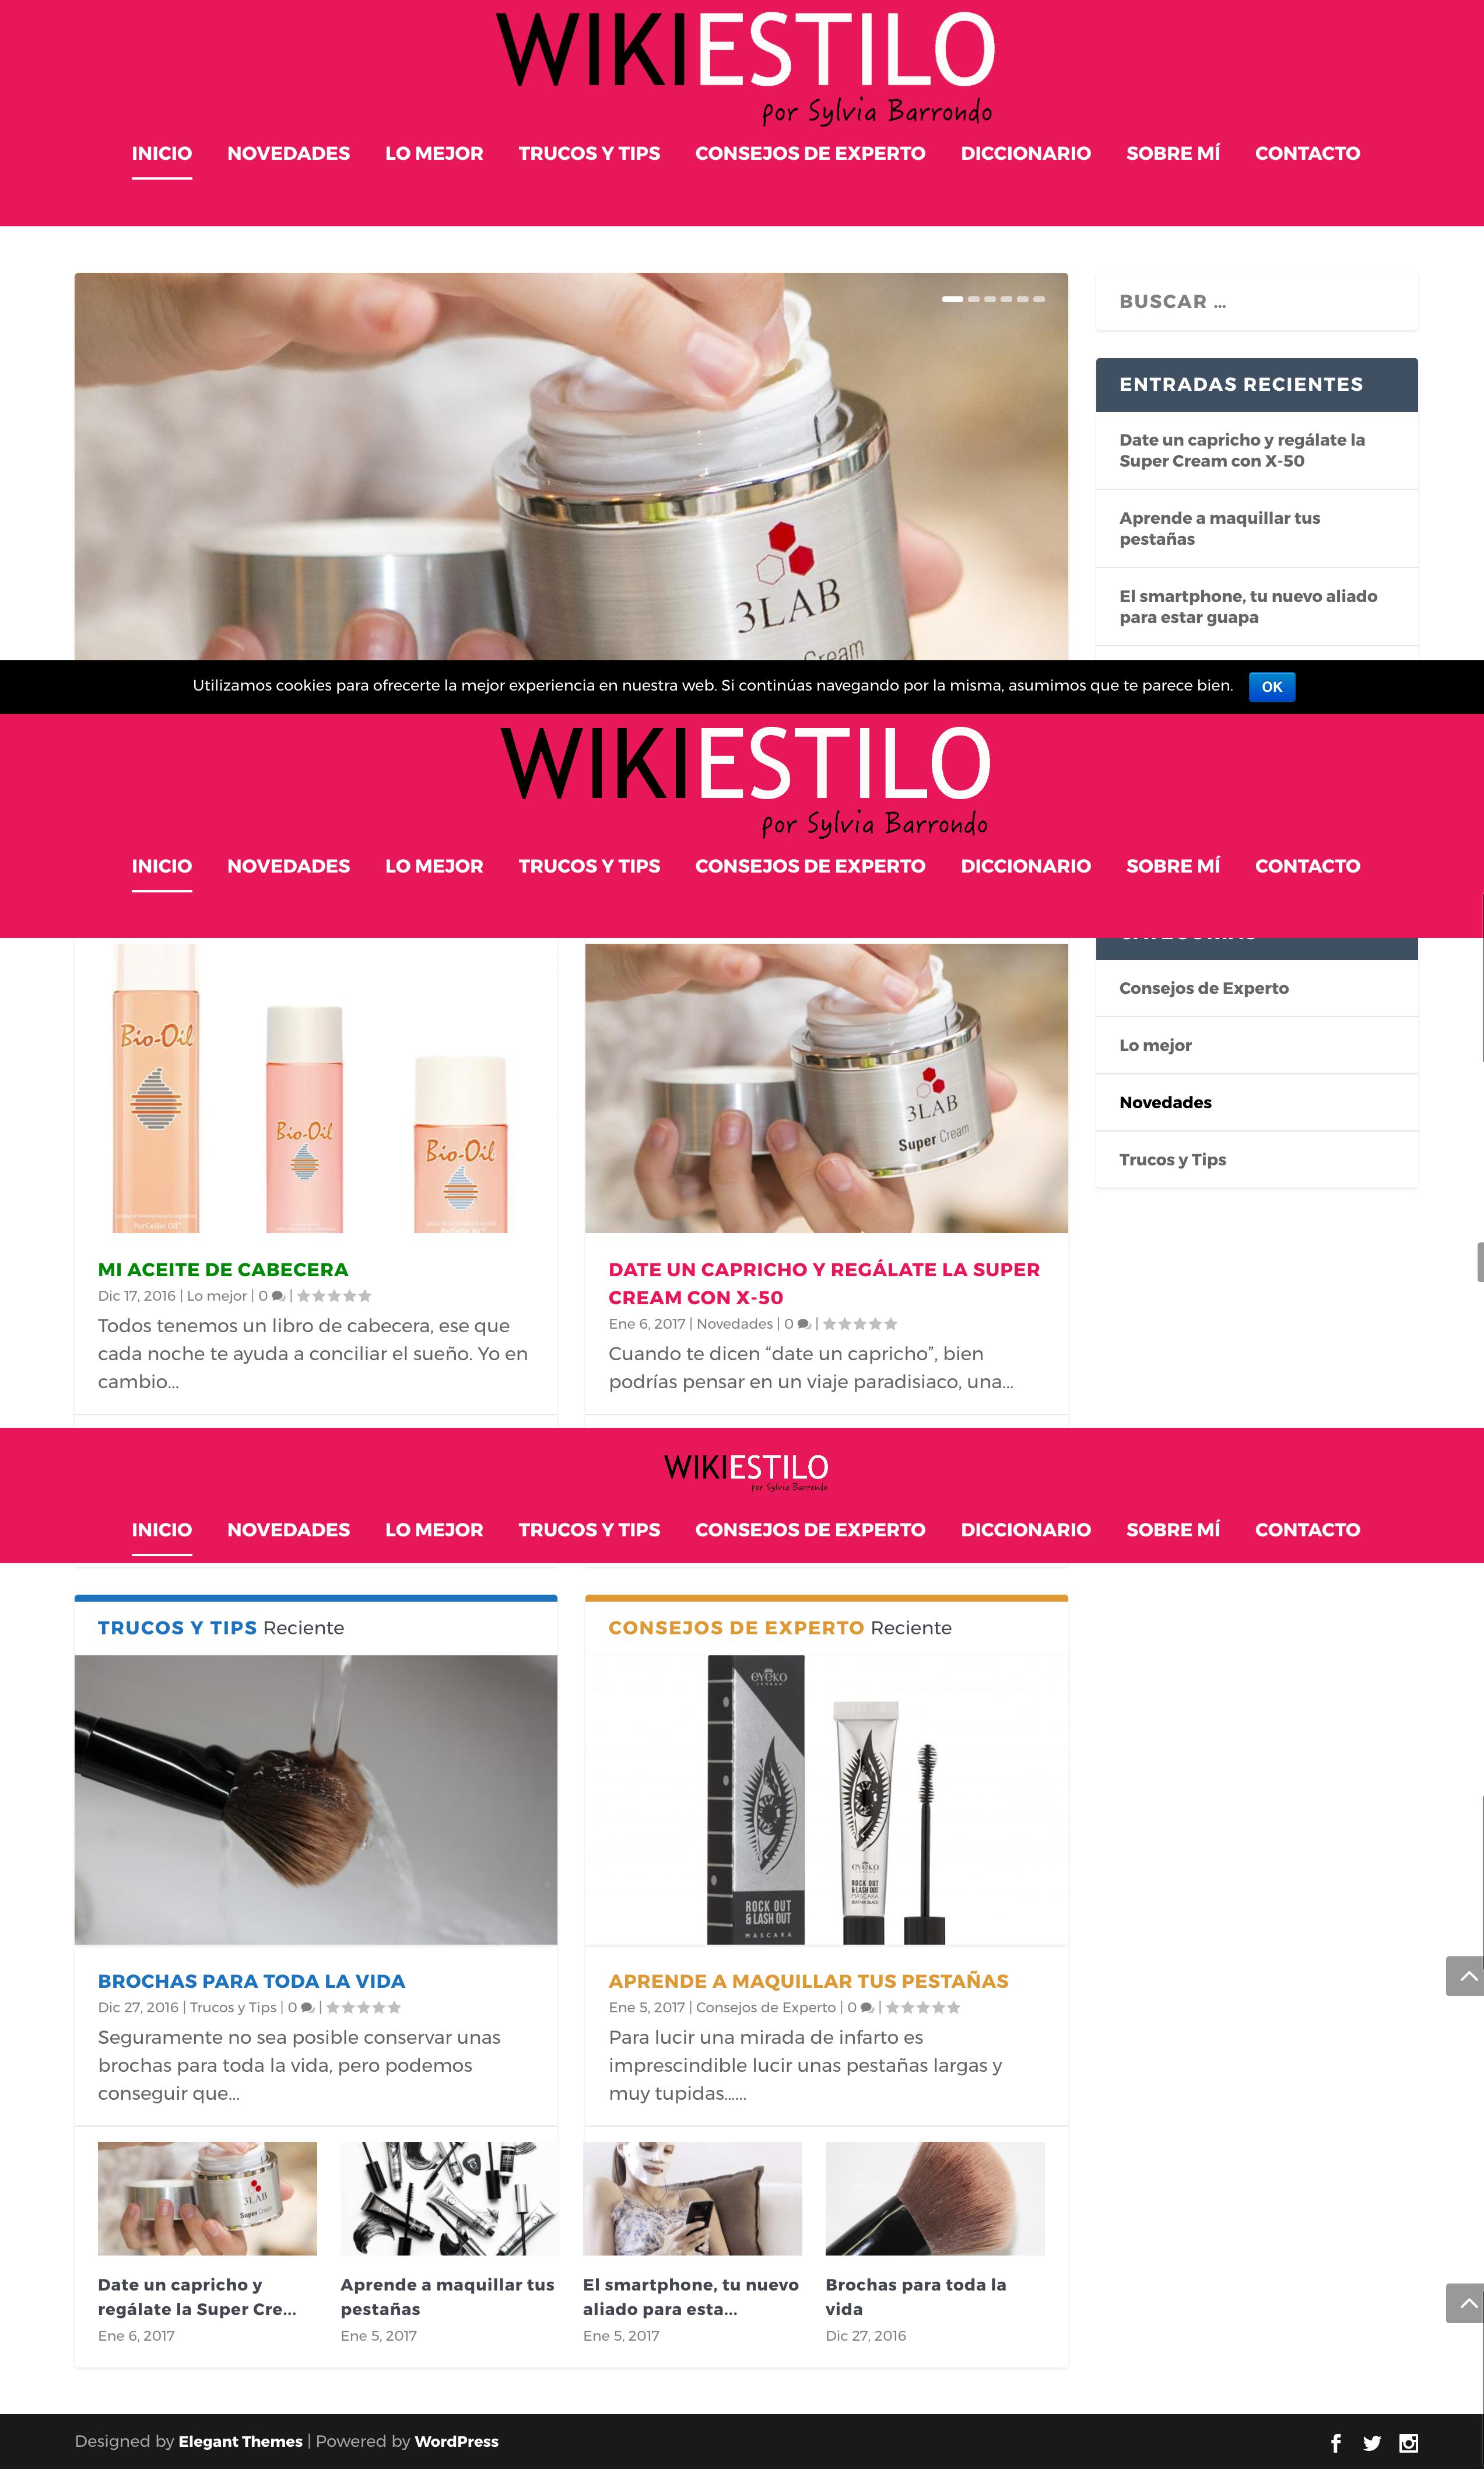 Diseño web de blog de moda y belleza